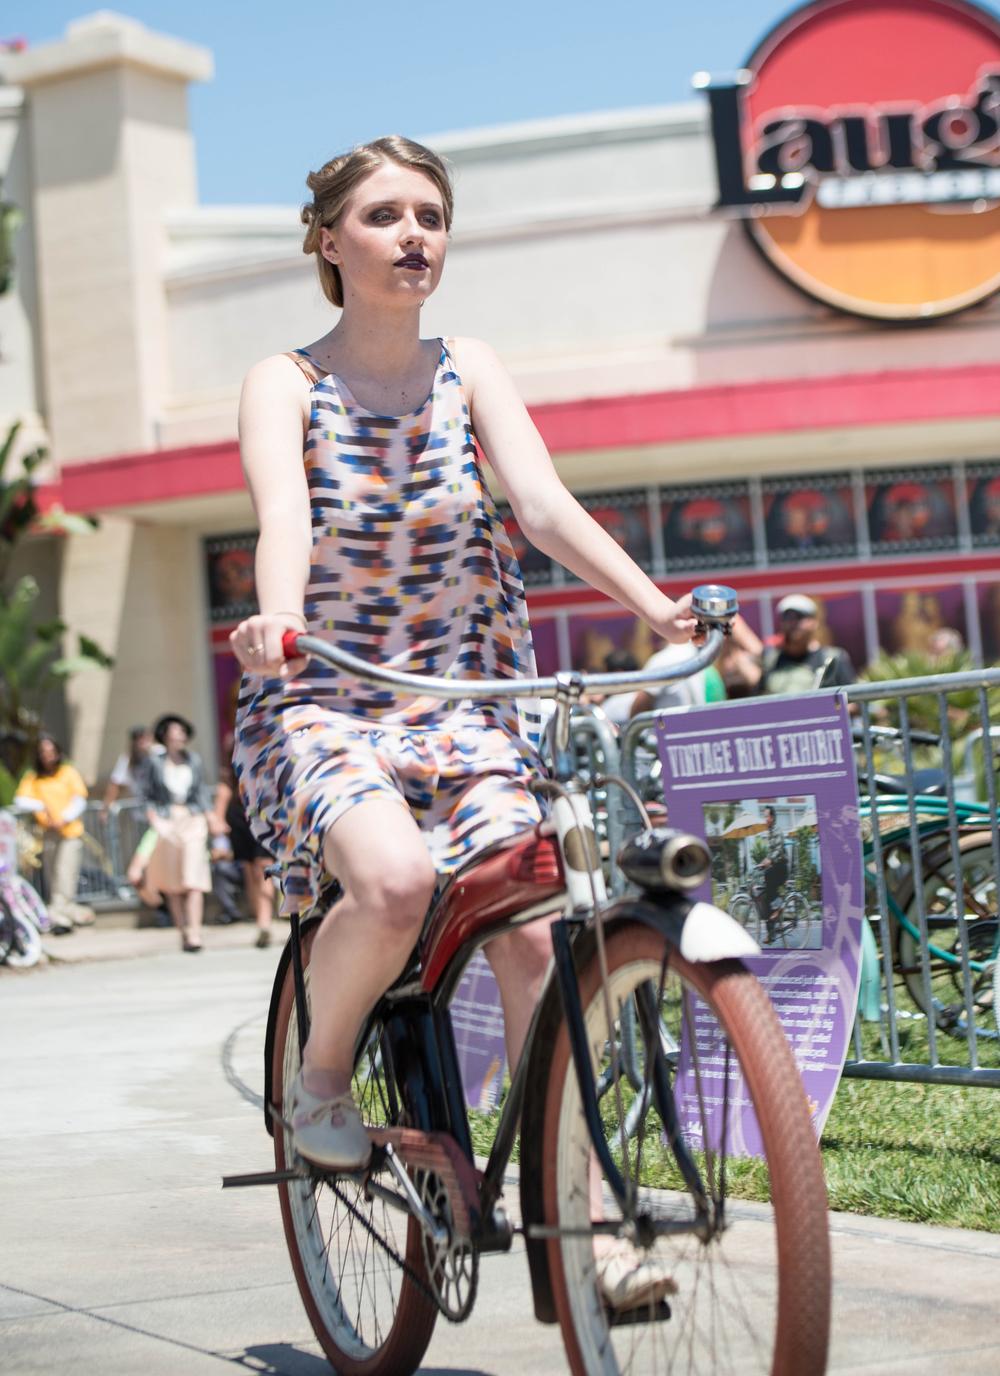 LB bike fest 2013-2609.jpg